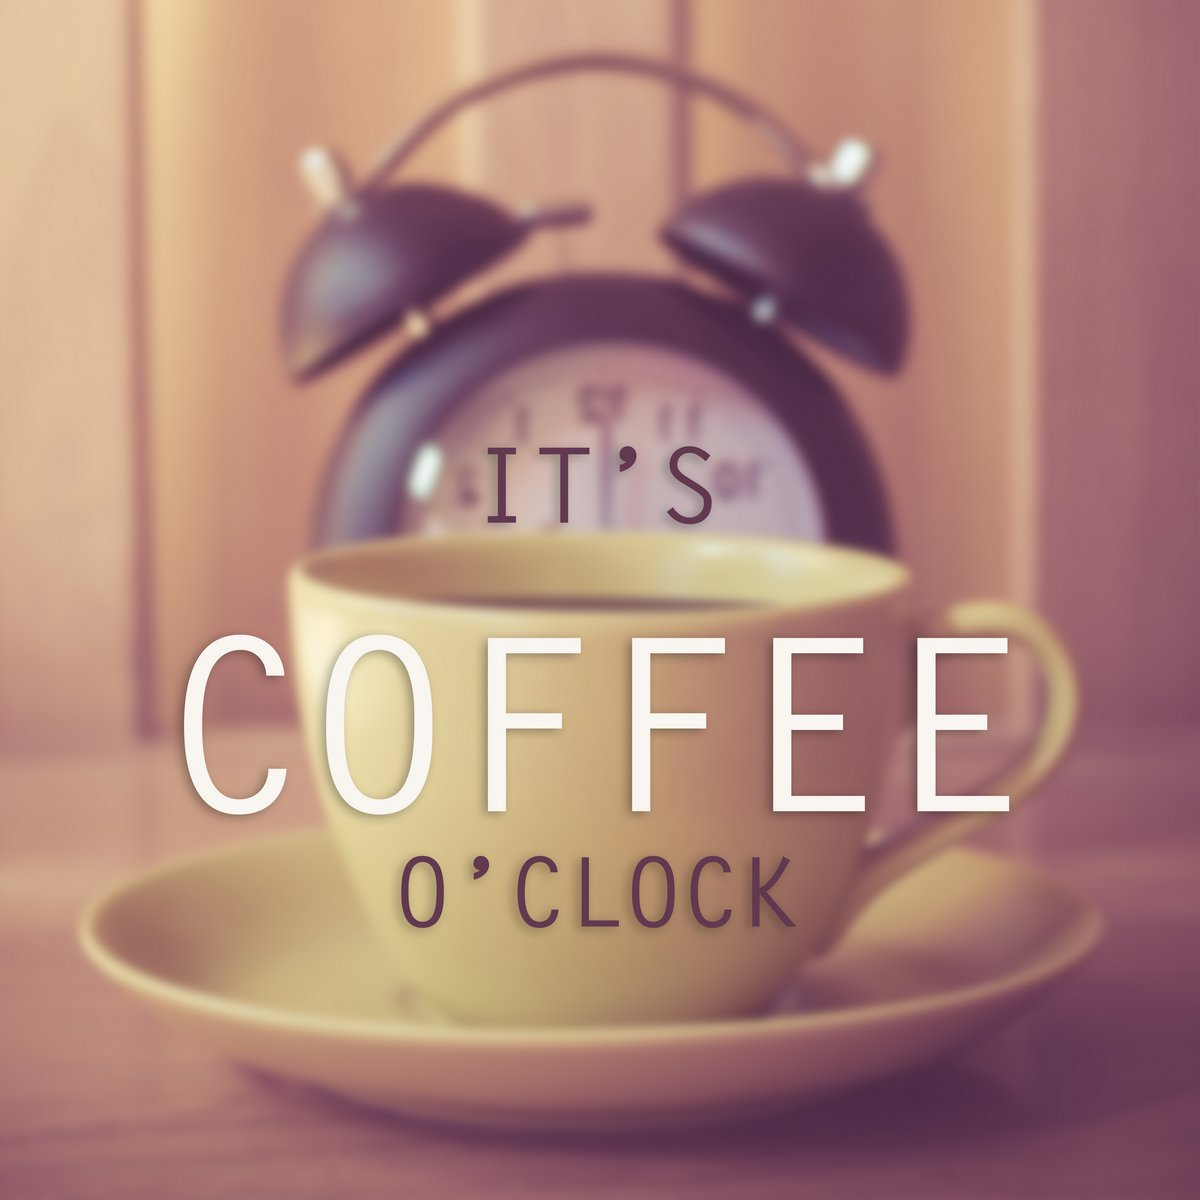 Постер-картина Мотивационный плакат Цитата кофе - это кофе часовМотивационный плакат<br>Постер на холсте или бумаге. Любого нужного вам размера. В раме или без. Подвес в комплекте. Трехслойная надежная упаковка. Доставим в любую точку России. Вам осталось только повесить картину на стену!<br>